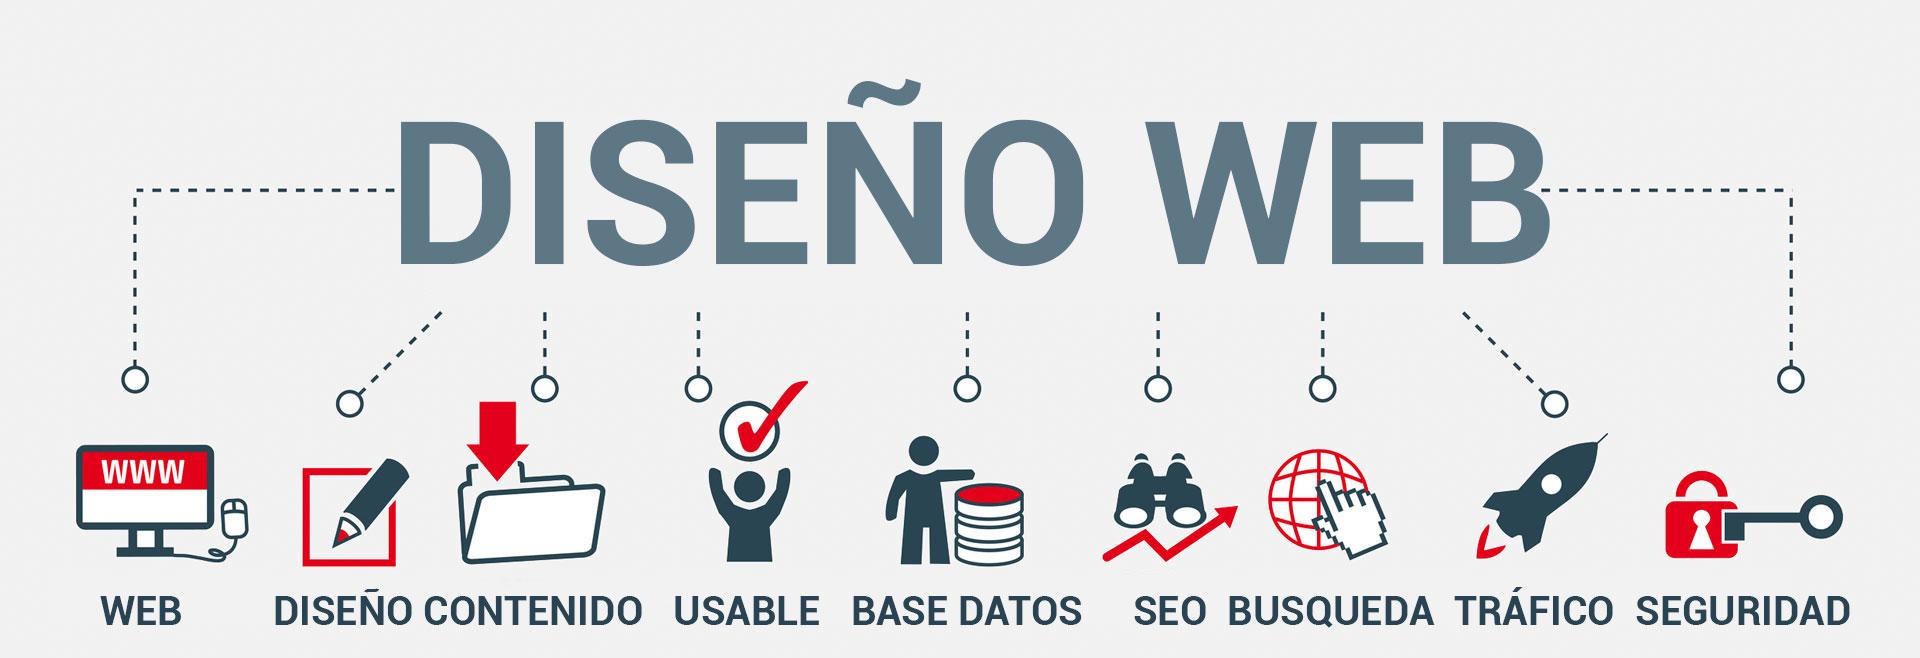 Diseño páginas web en Lugo con xeral.net Galicia profesional